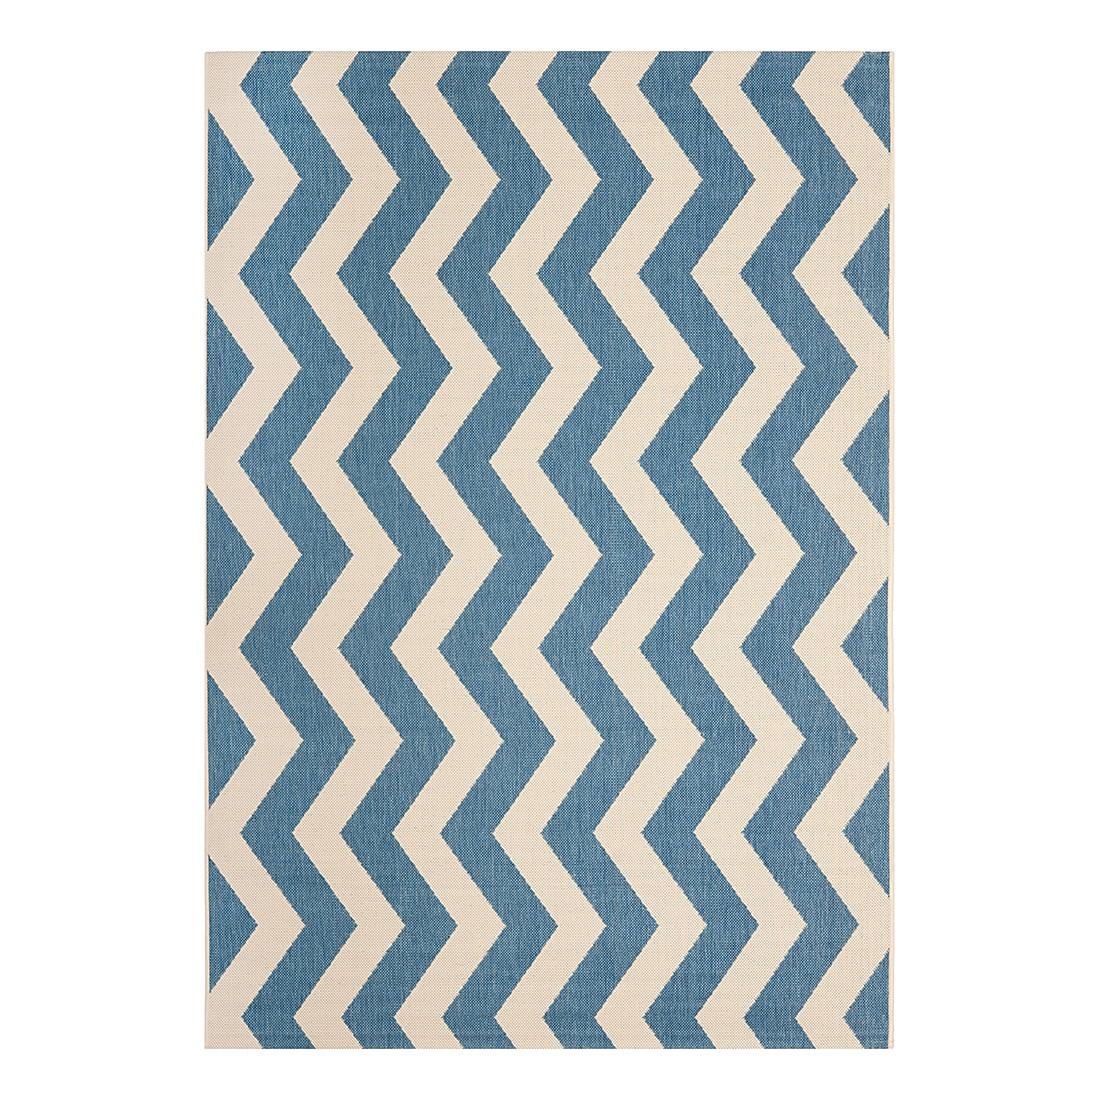 In-/Outdoorteppich Amalfi – Blau/Beige – Maße: 121 x 170 cm, Safavieh günstig bestellen